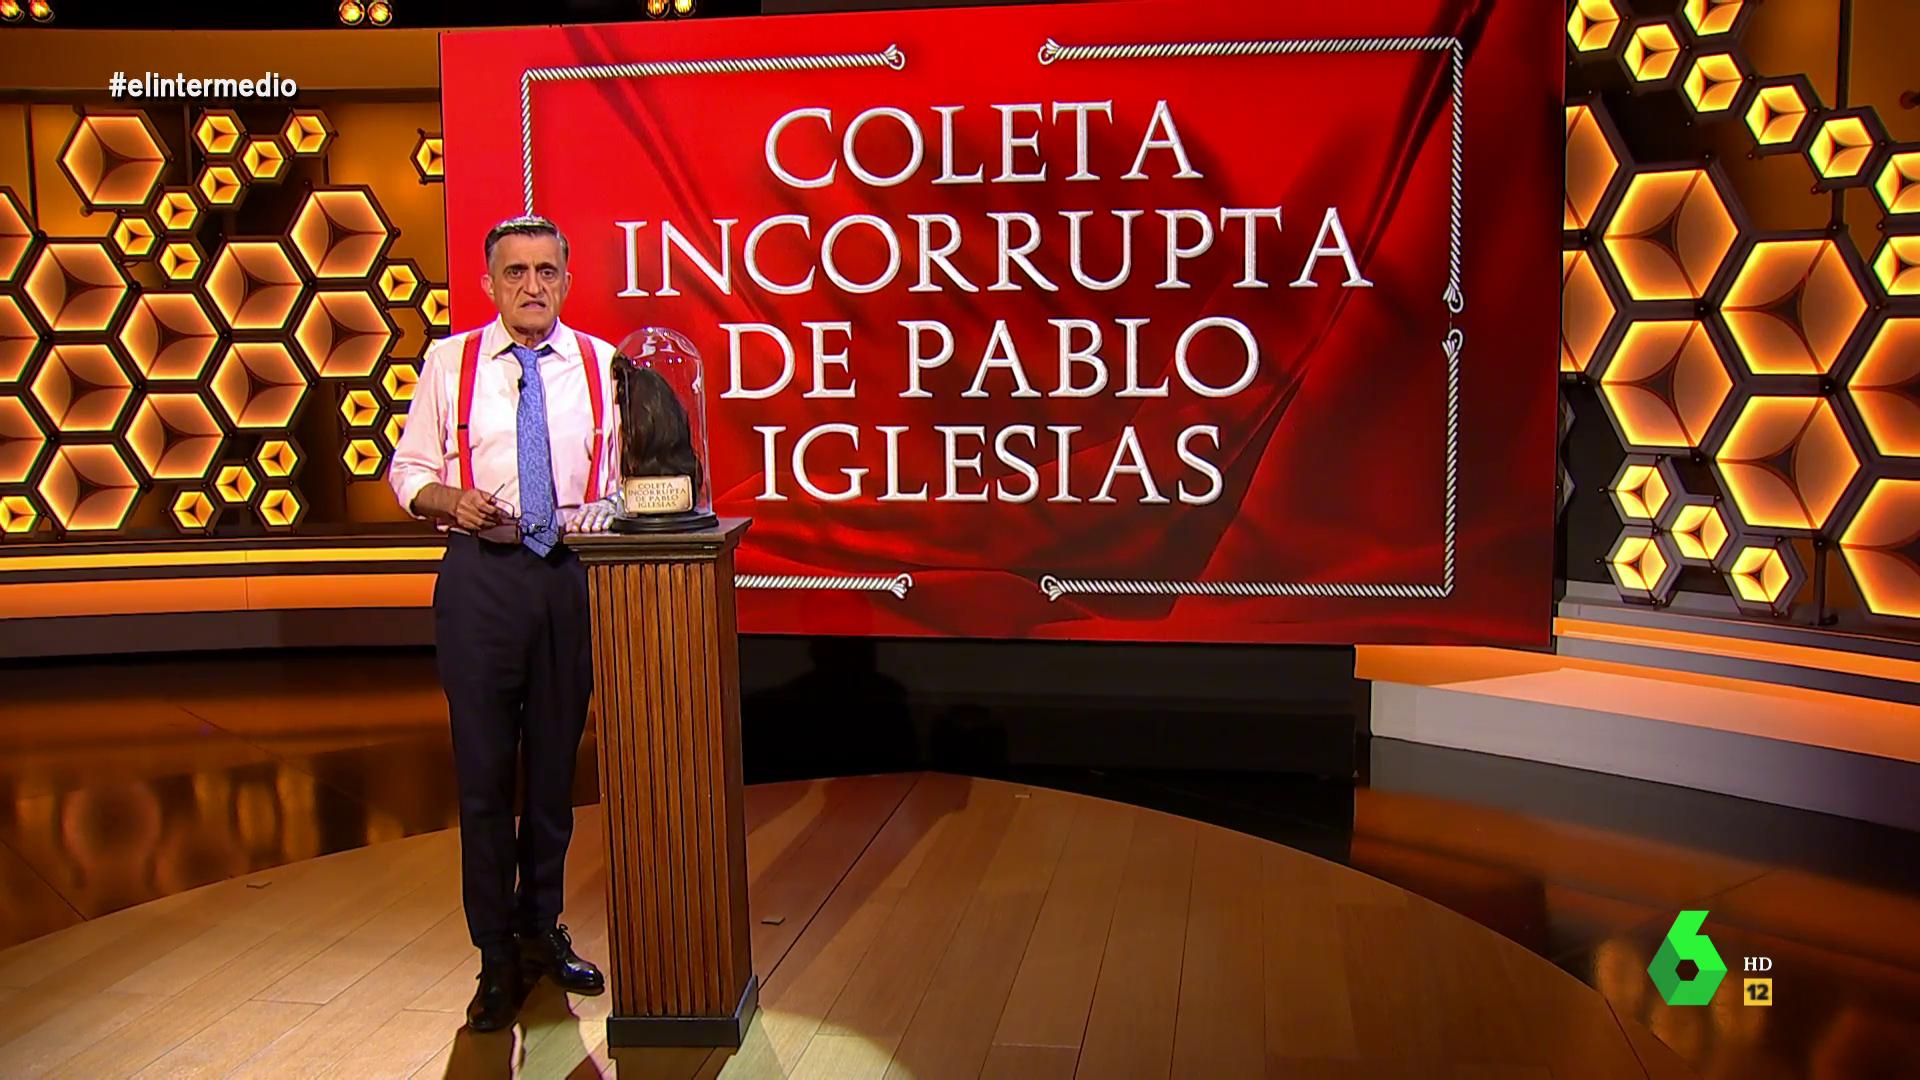 La tele con Monegal: La 'coleta incorrupta' de Iglesias en El Intermedio